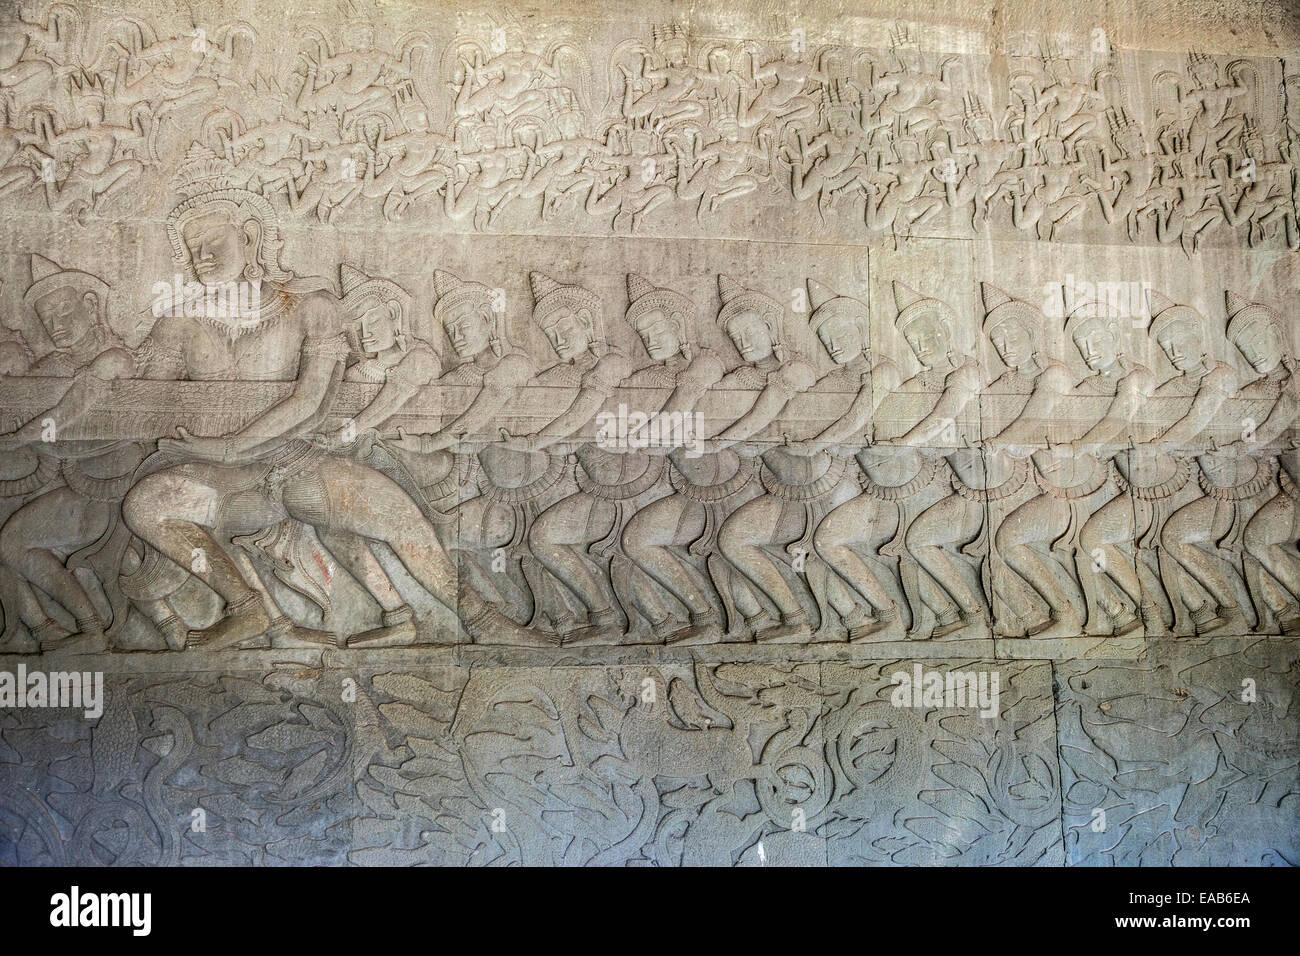 Cambodia, Angkor Wat.  Gods Churning the Sea of Milk, from the Hindu Creation Myth, the Bhagavata-Purana. - Stock Image